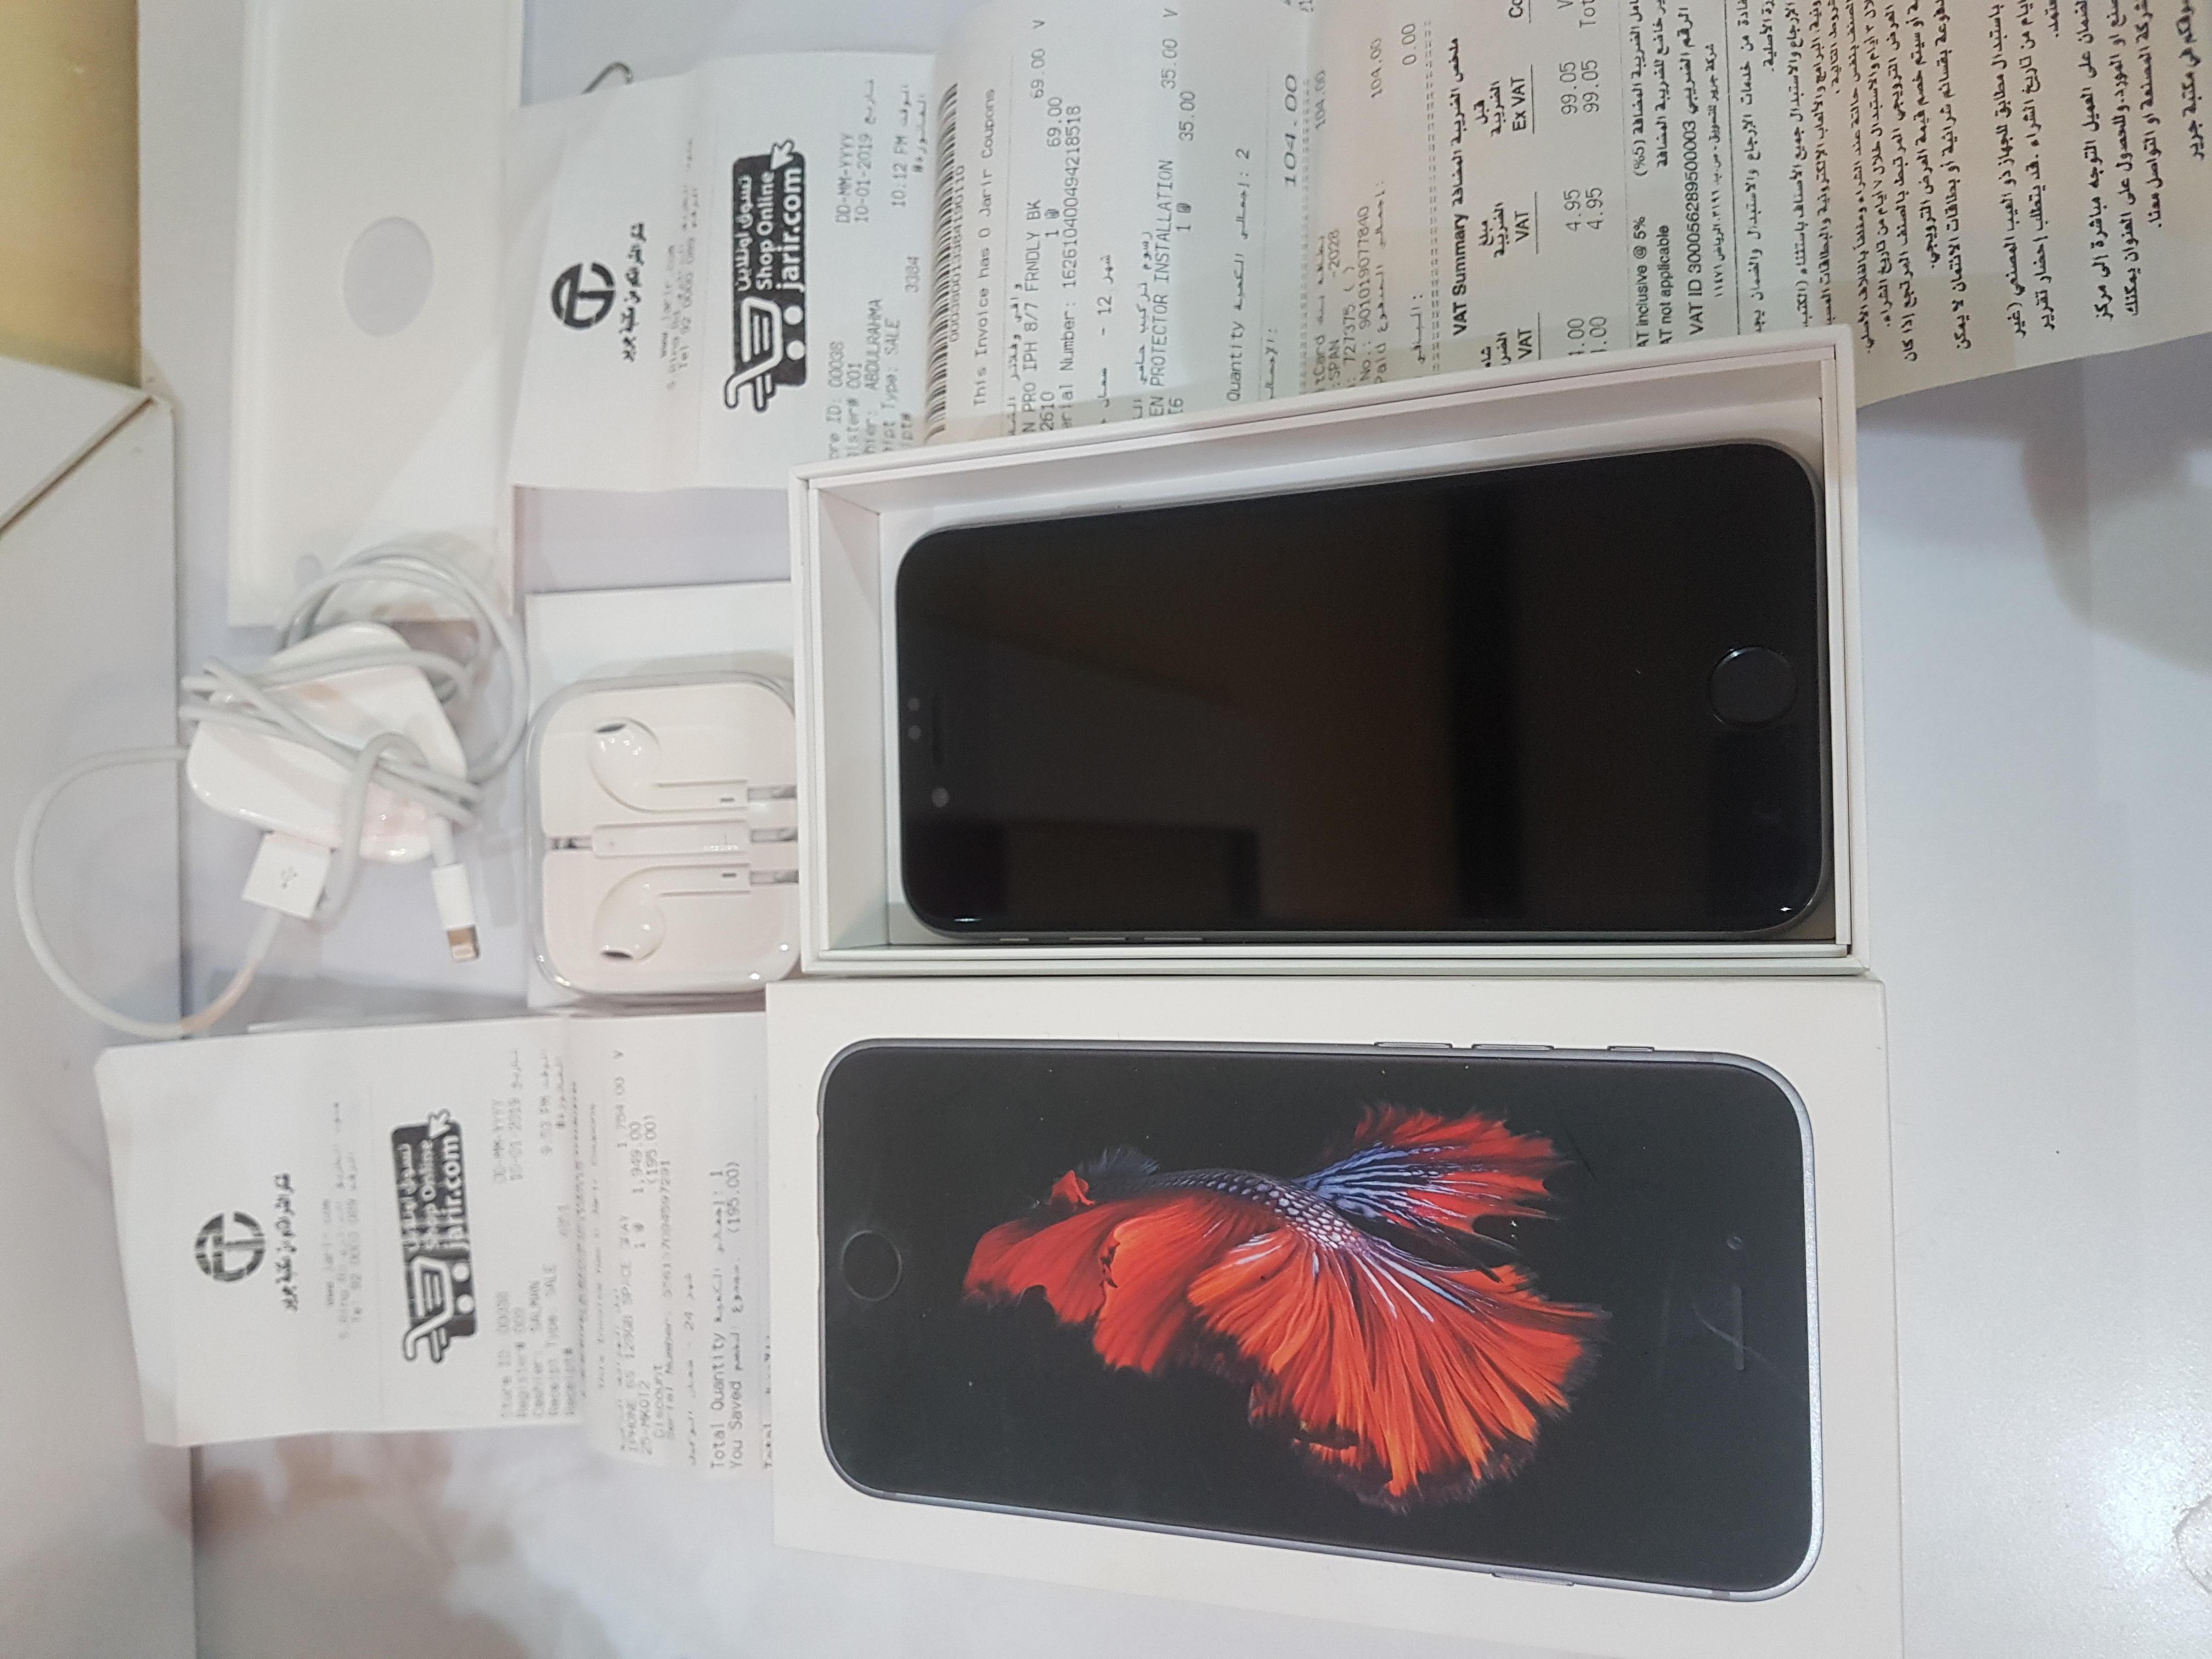 ايفون 6s للبيع ضمان جرير 1300